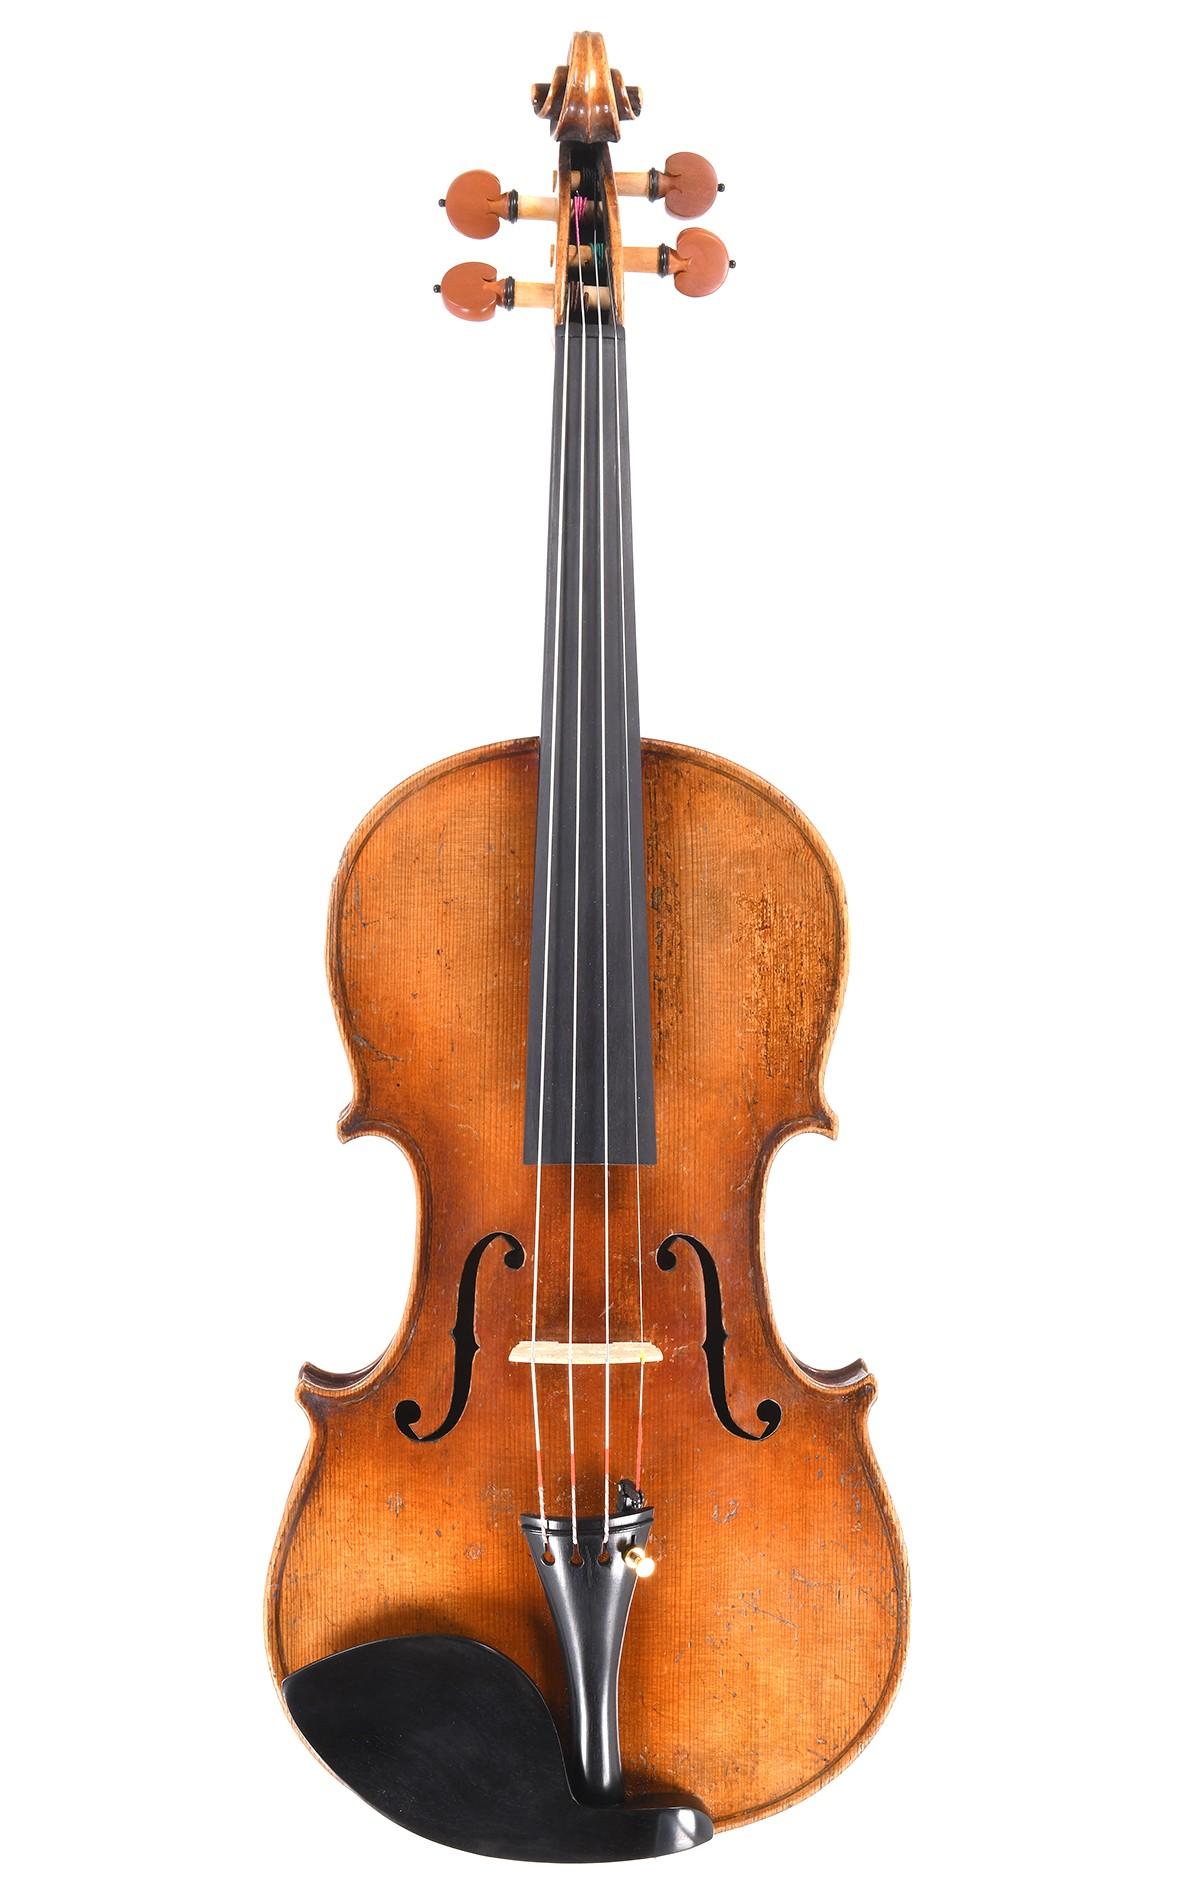 Deutsche Geige nach dem Modell von Nicolo Amati